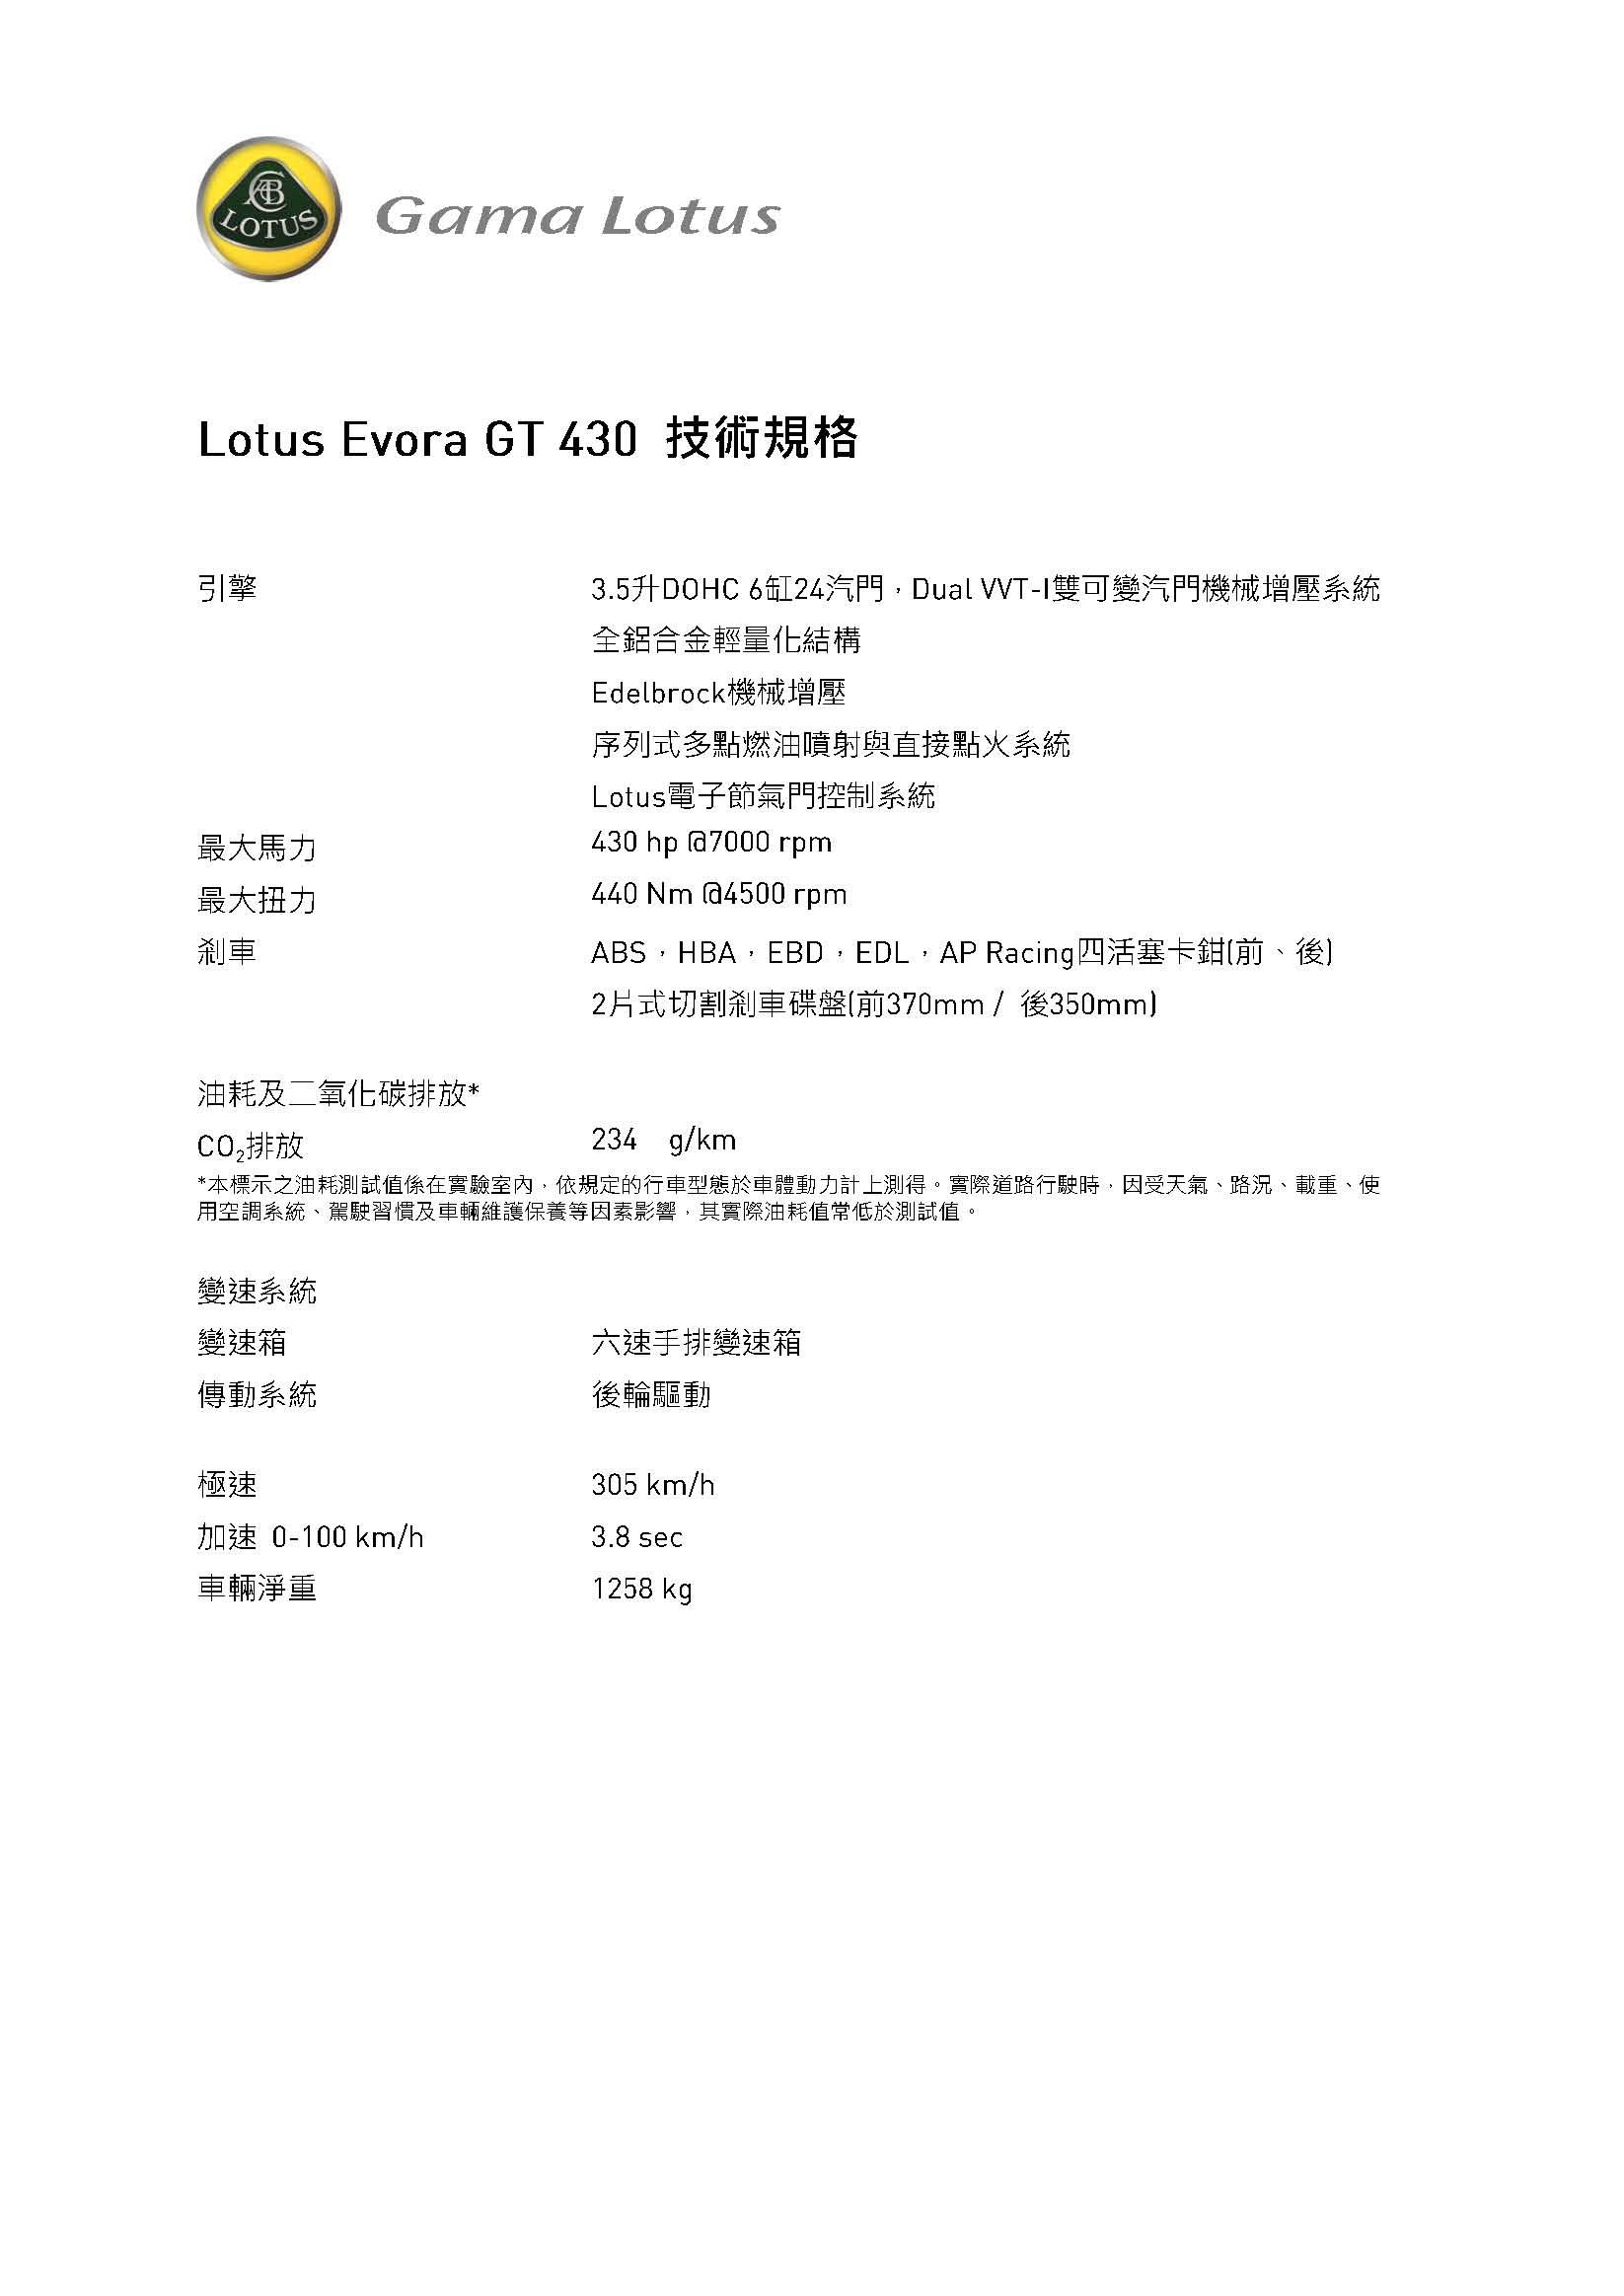 Lotus Evora GT 430技術規格